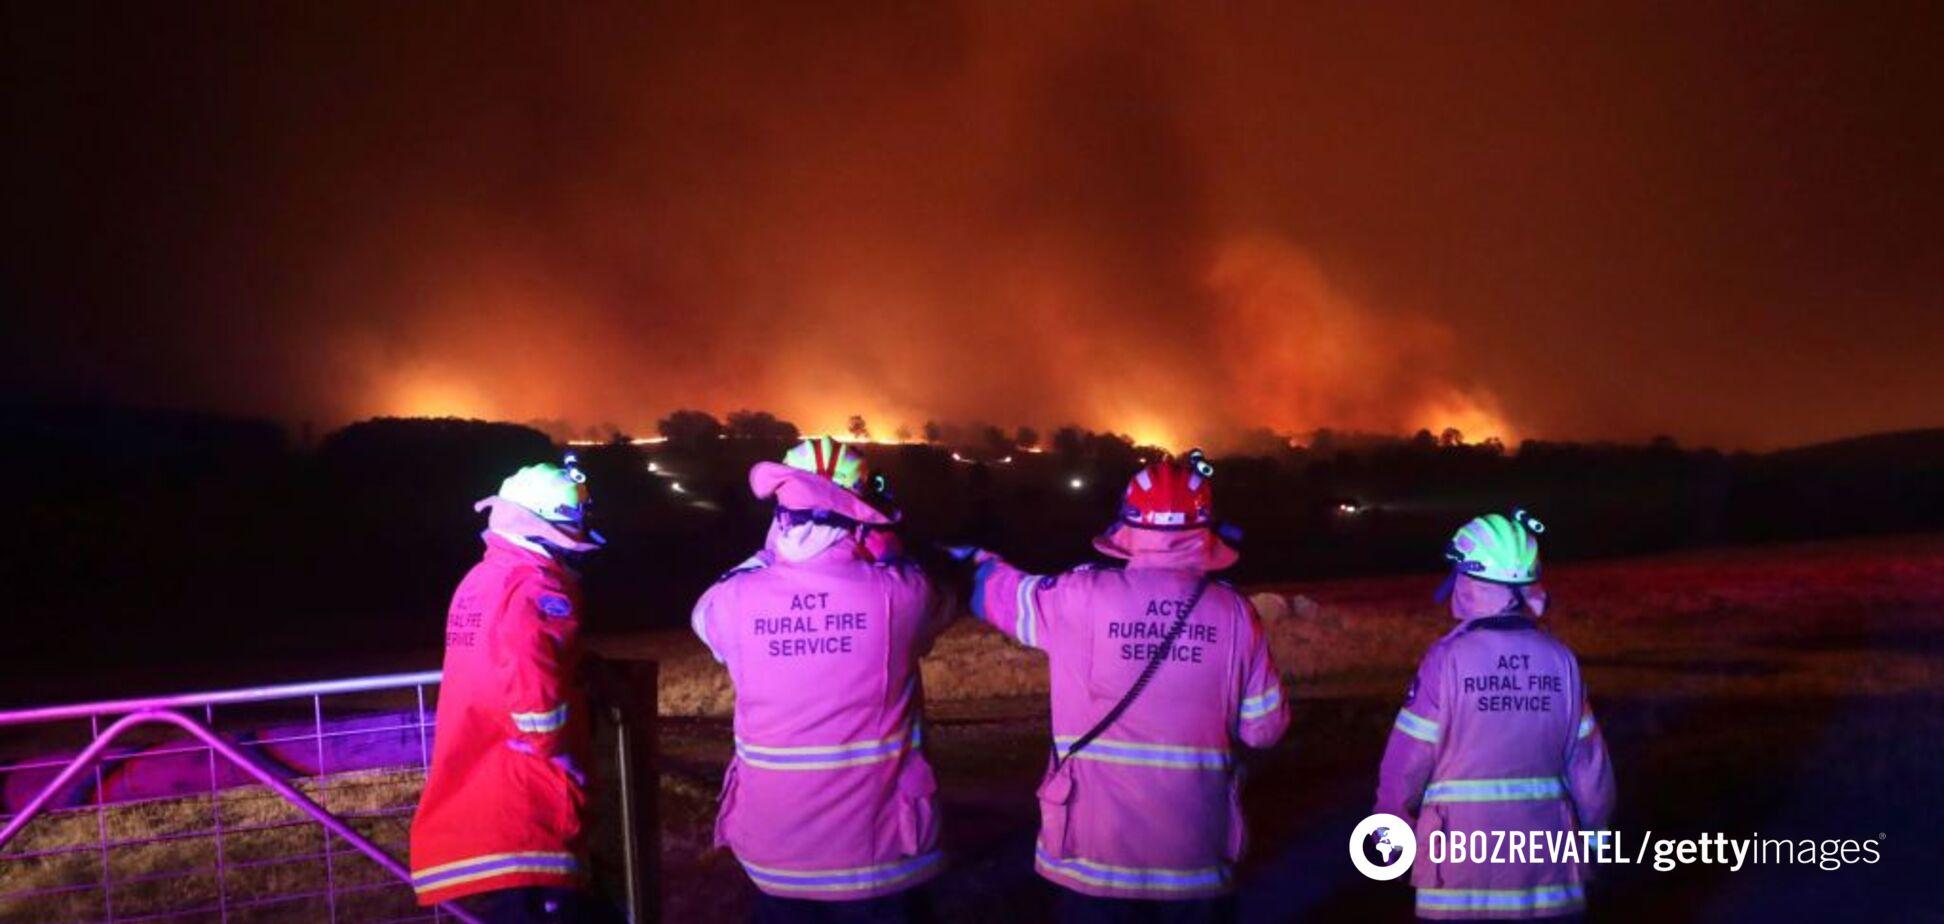 В адских пожарах в Австралии увидели 'лик дьявола': мистическое фото